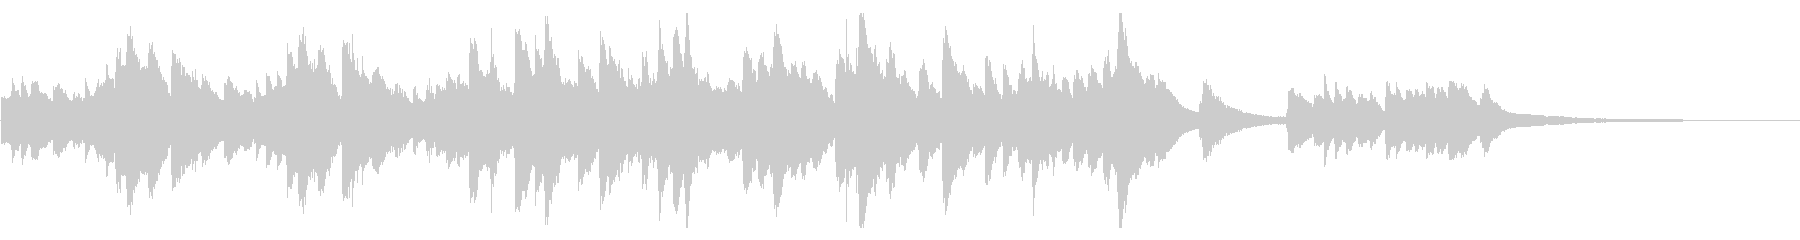 優しい波の中、包まれるようなピアノ曲の未再生の波形